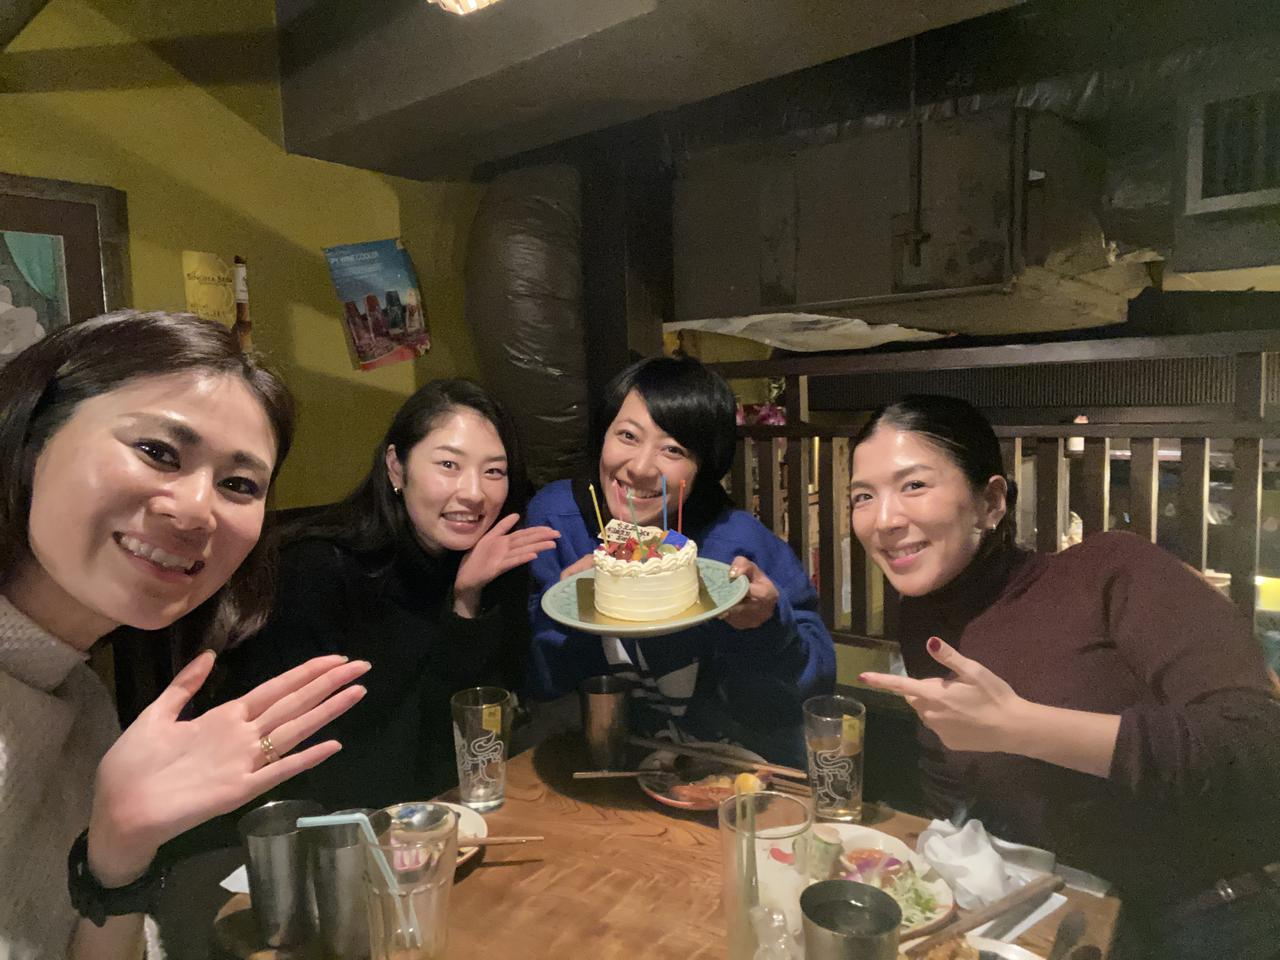 画像: ハニュウDのお誕生日が近いので、お祝いしました!いくつになった?のかな? 本当の誕生日は26日です。お祝いしてあげてね。